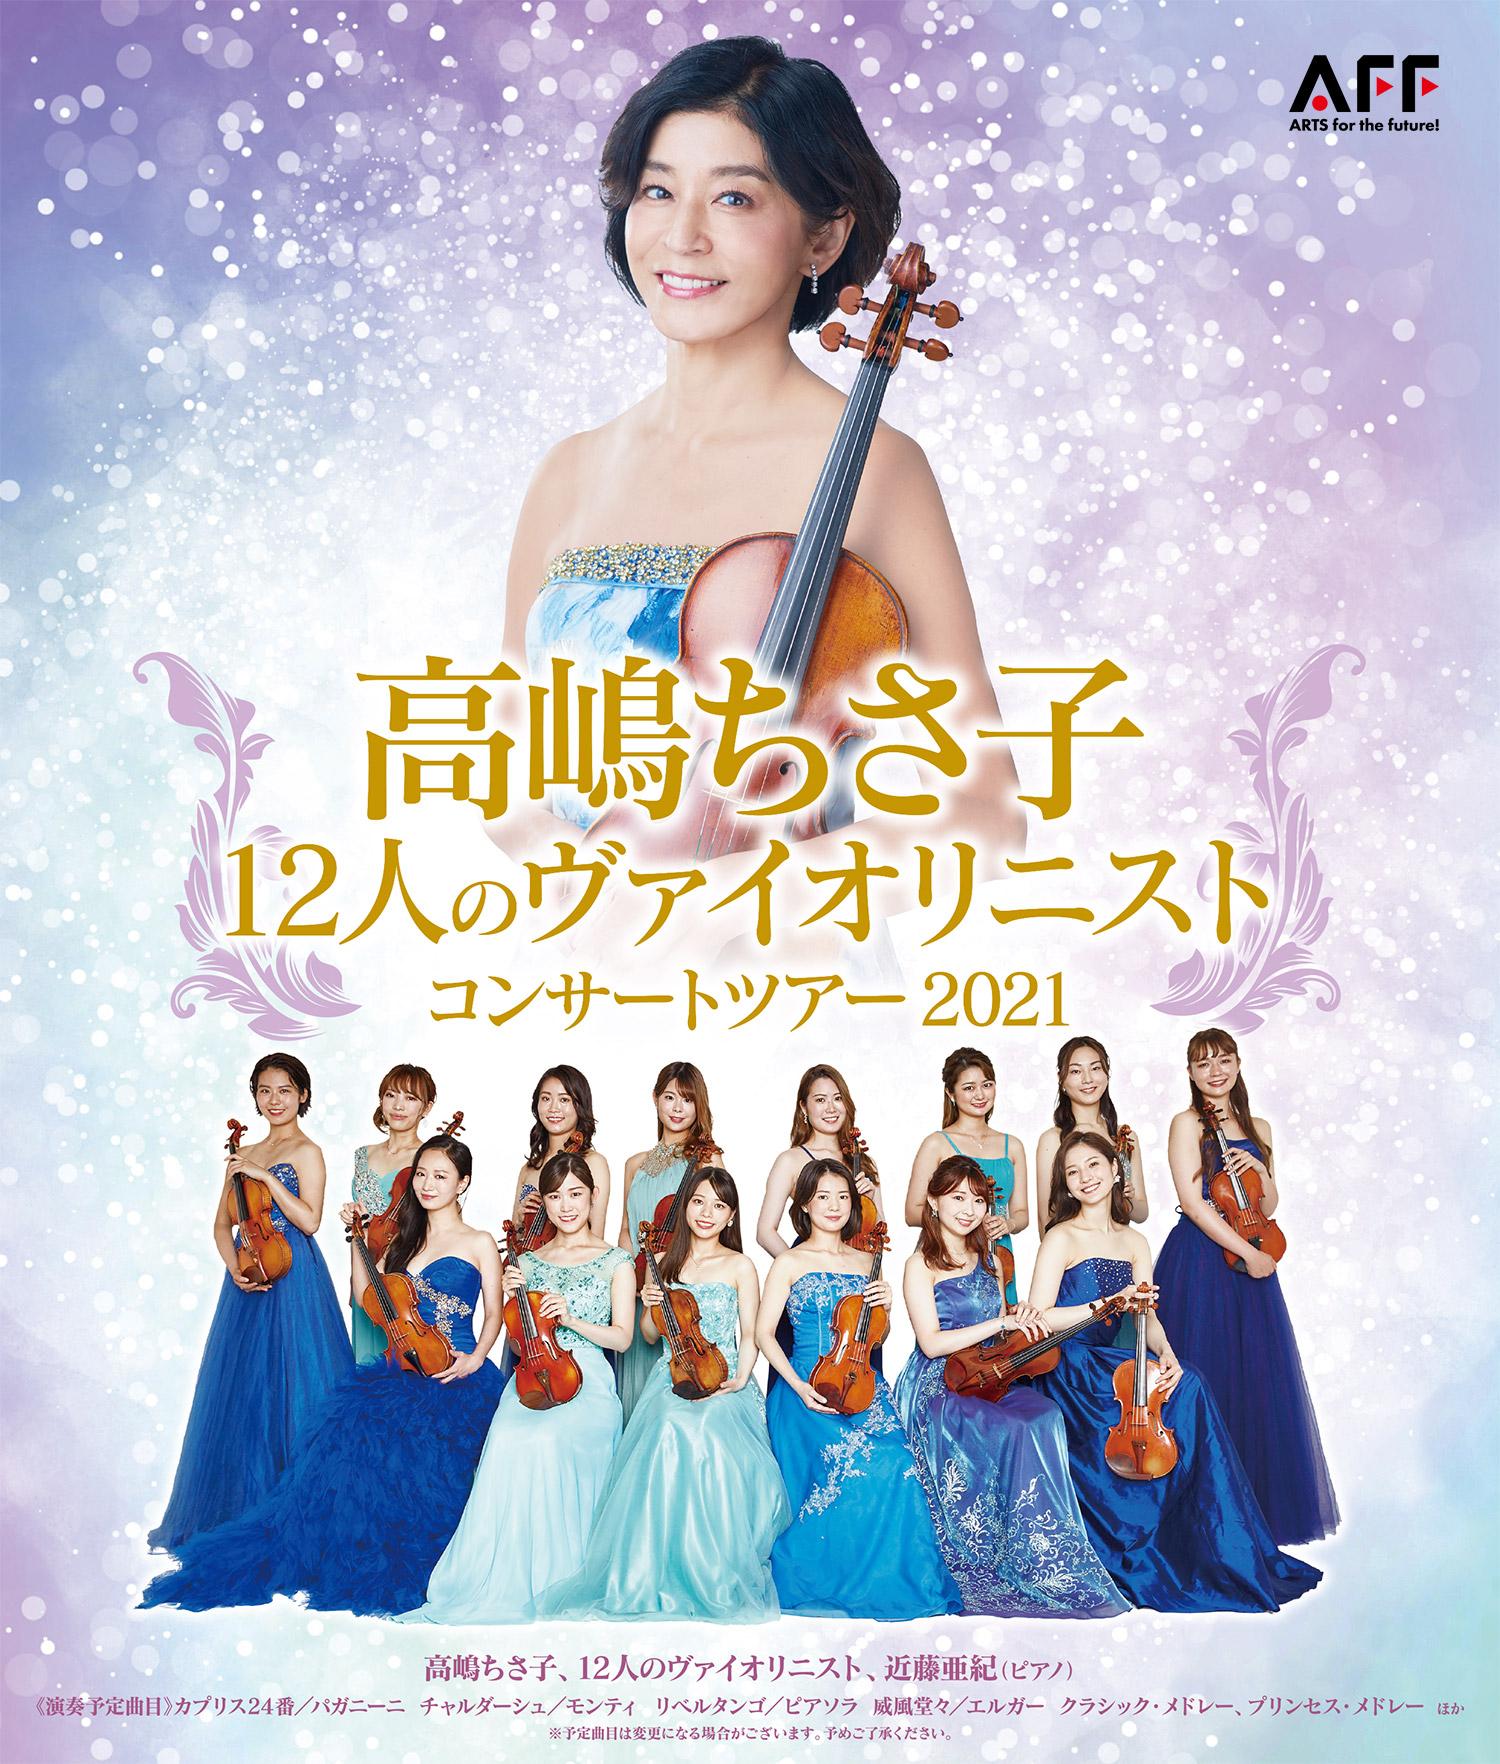 高嶋ちさ子 12人のヴァイオリニスト コンサートツアー 2021